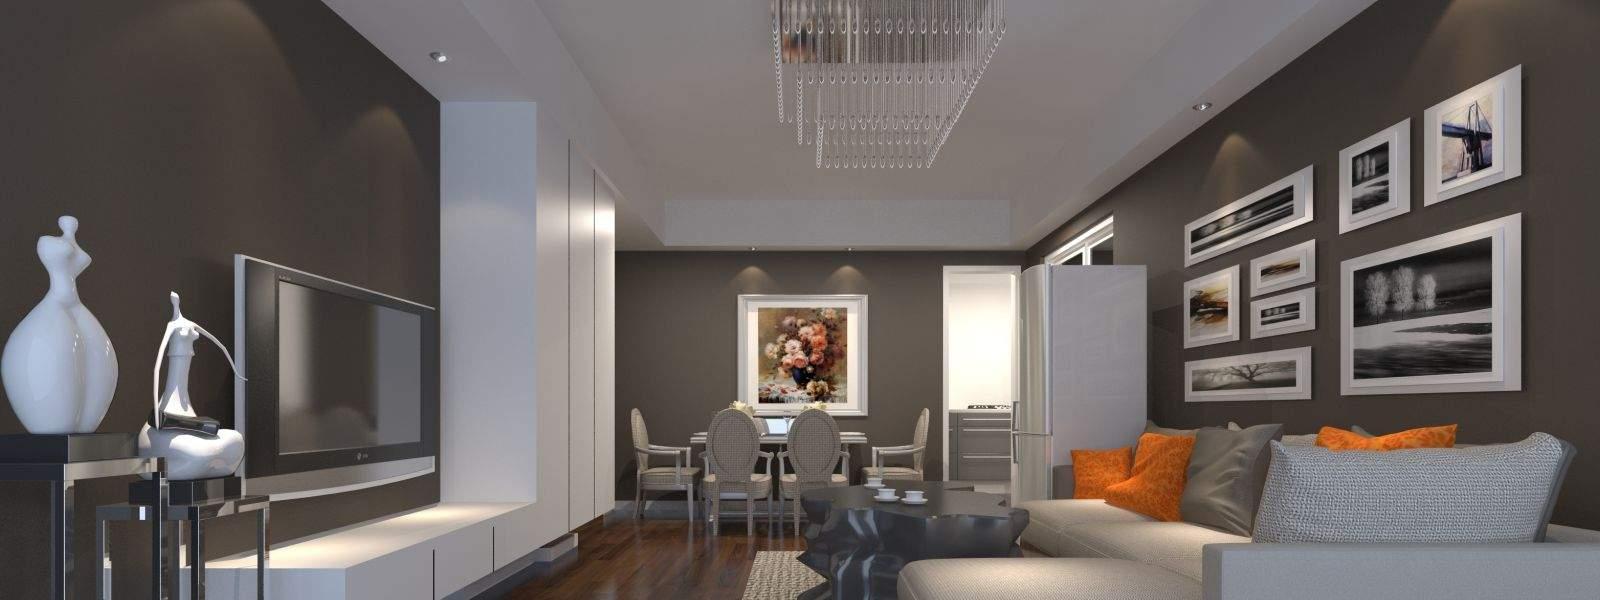 MBA EXECUTIVO em Iluminação e Design de Interiores